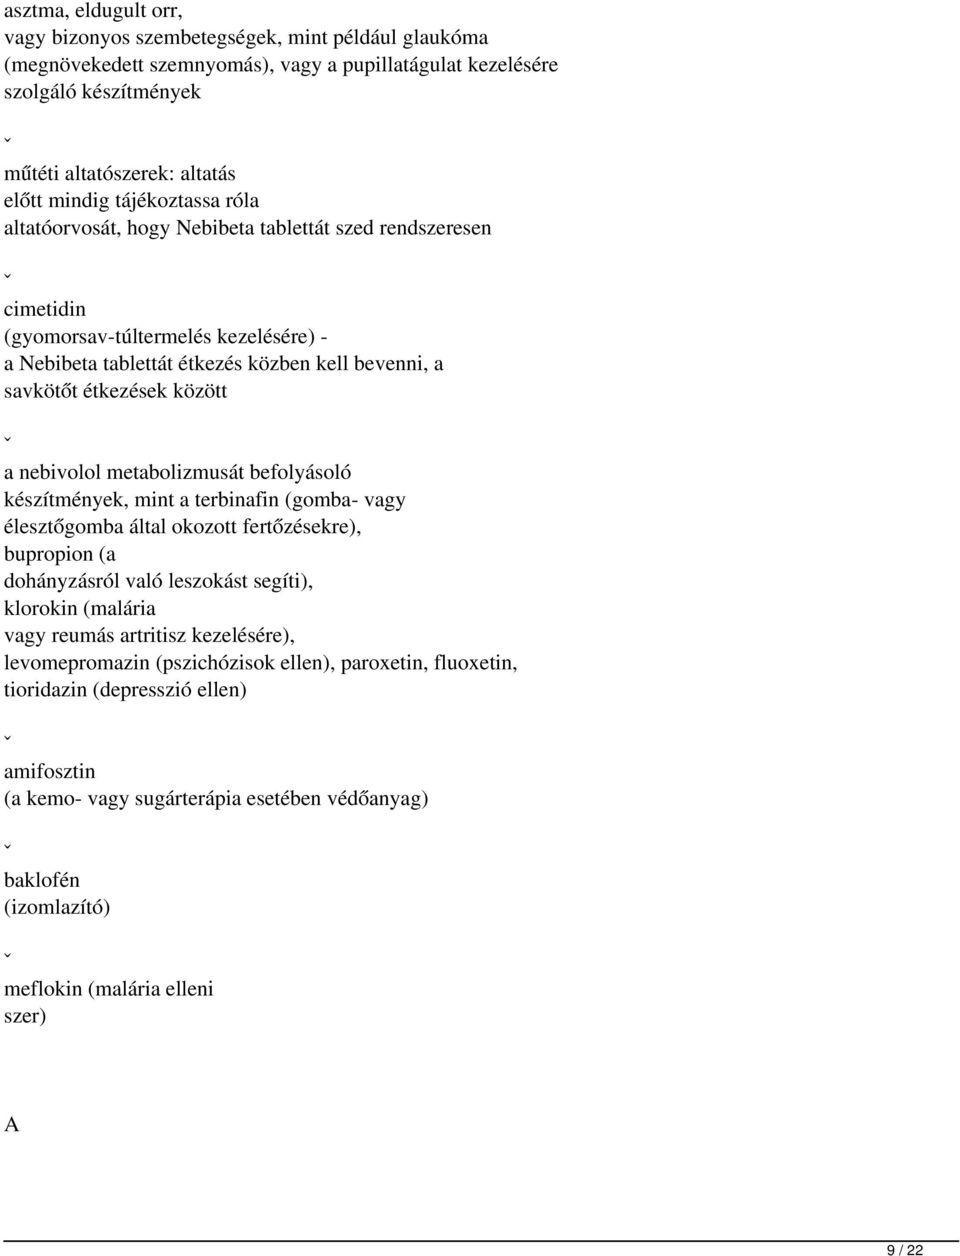 fluoxetin és magas vérnyomás magas vérnyomás és hajdina